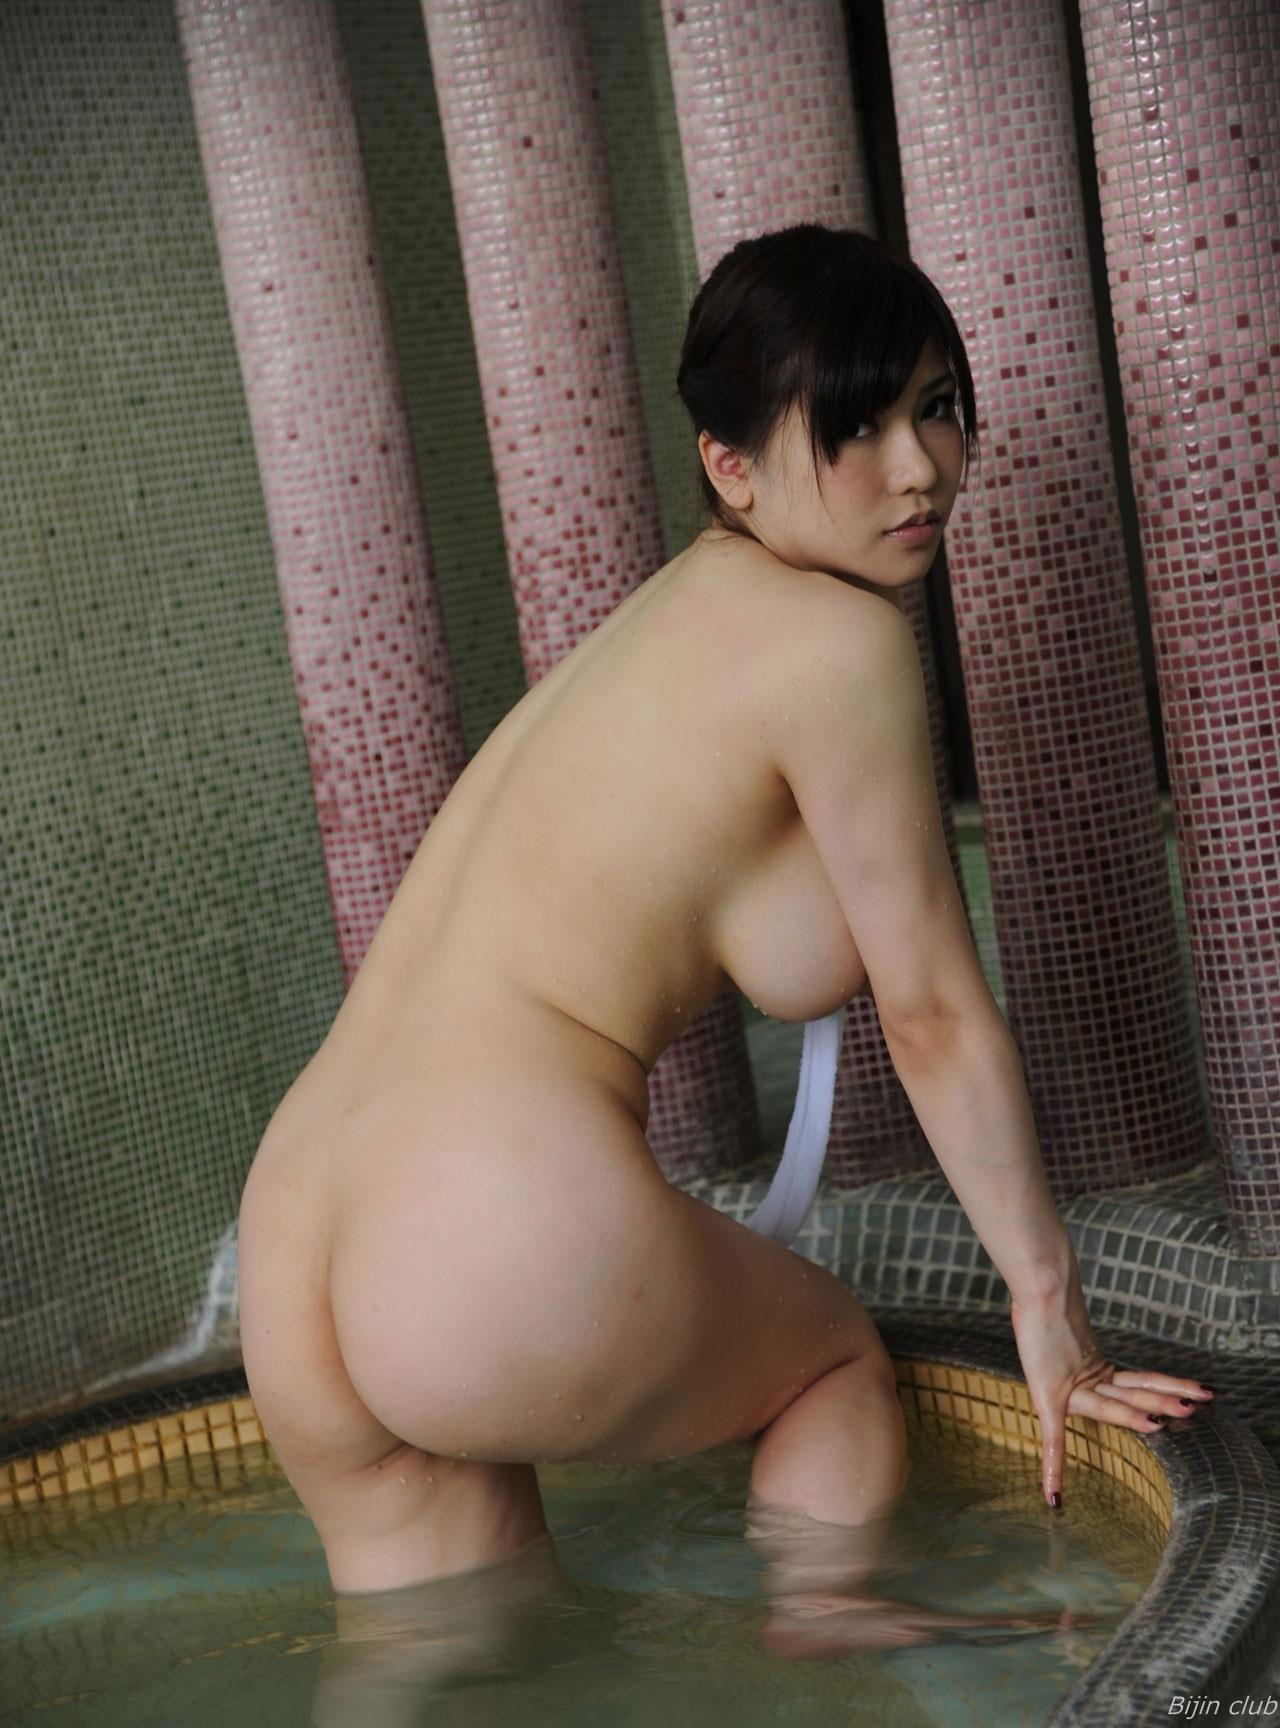 【背中エロ画像】スタイルのいい女性は背中を晒しておけば誰でも落とせるwww 06